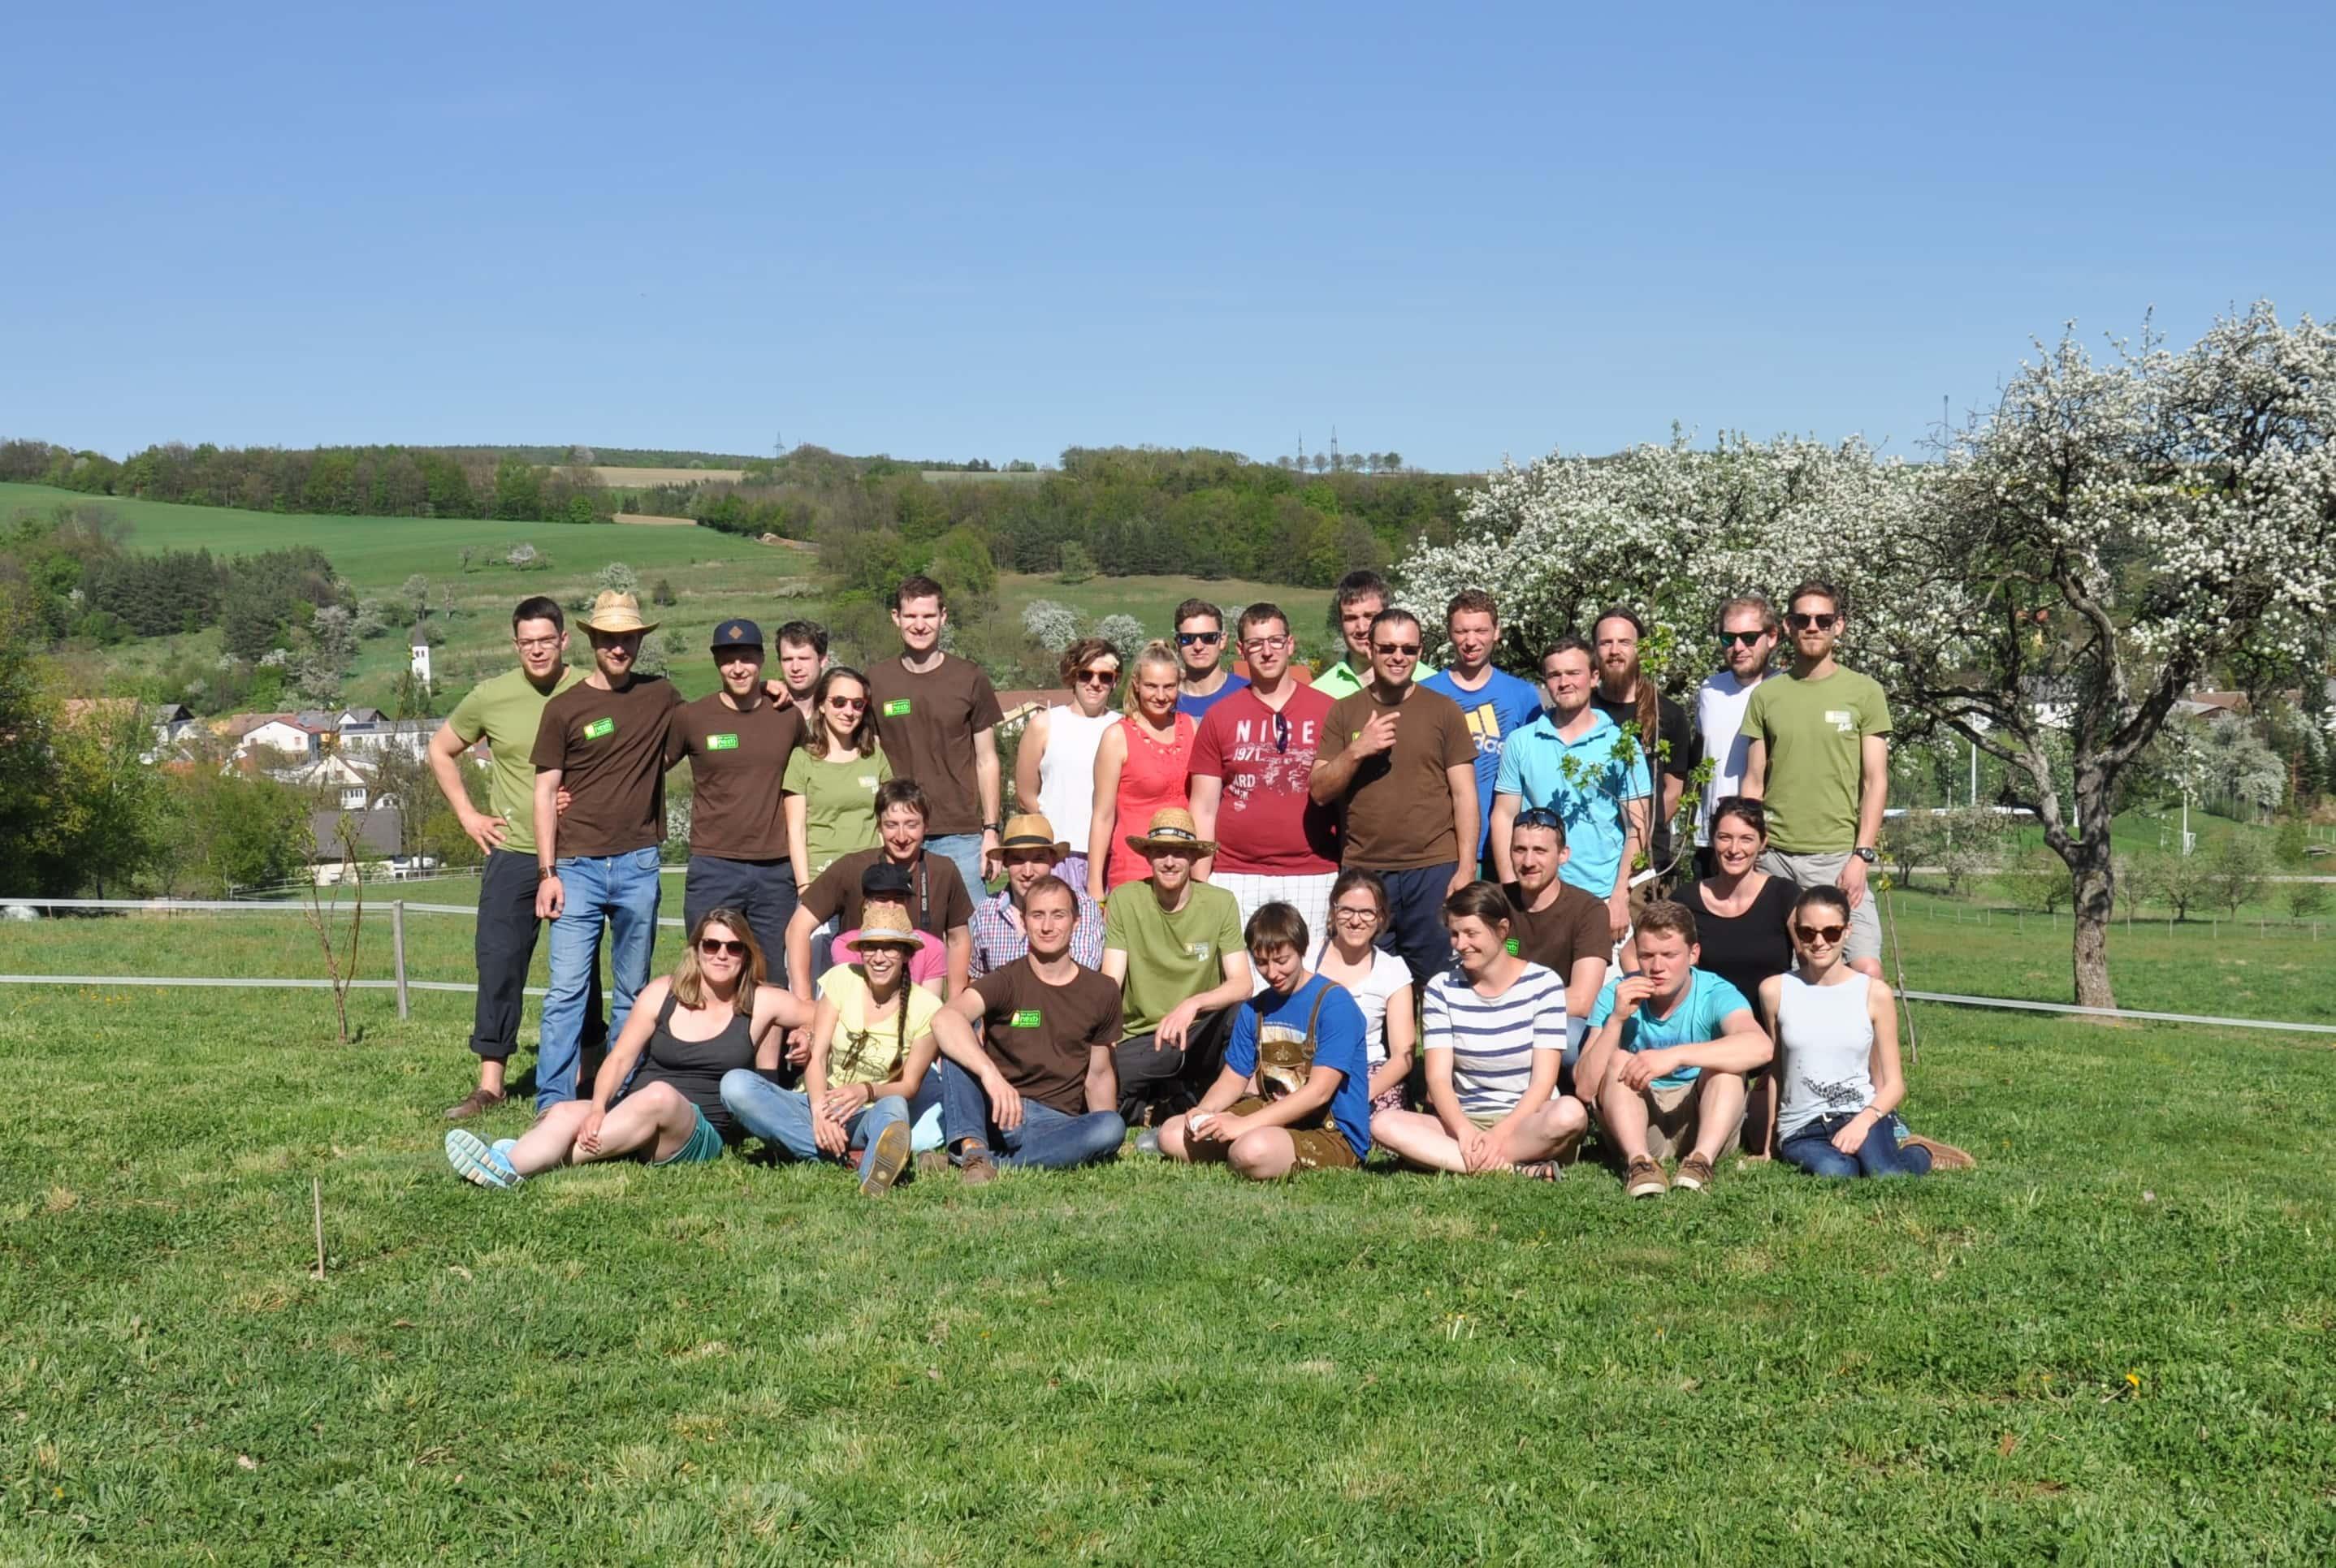 Gruppenbild der jungen BIO AUSTRIA Generation im Zuge der Bundesexkursion auf der Wiese